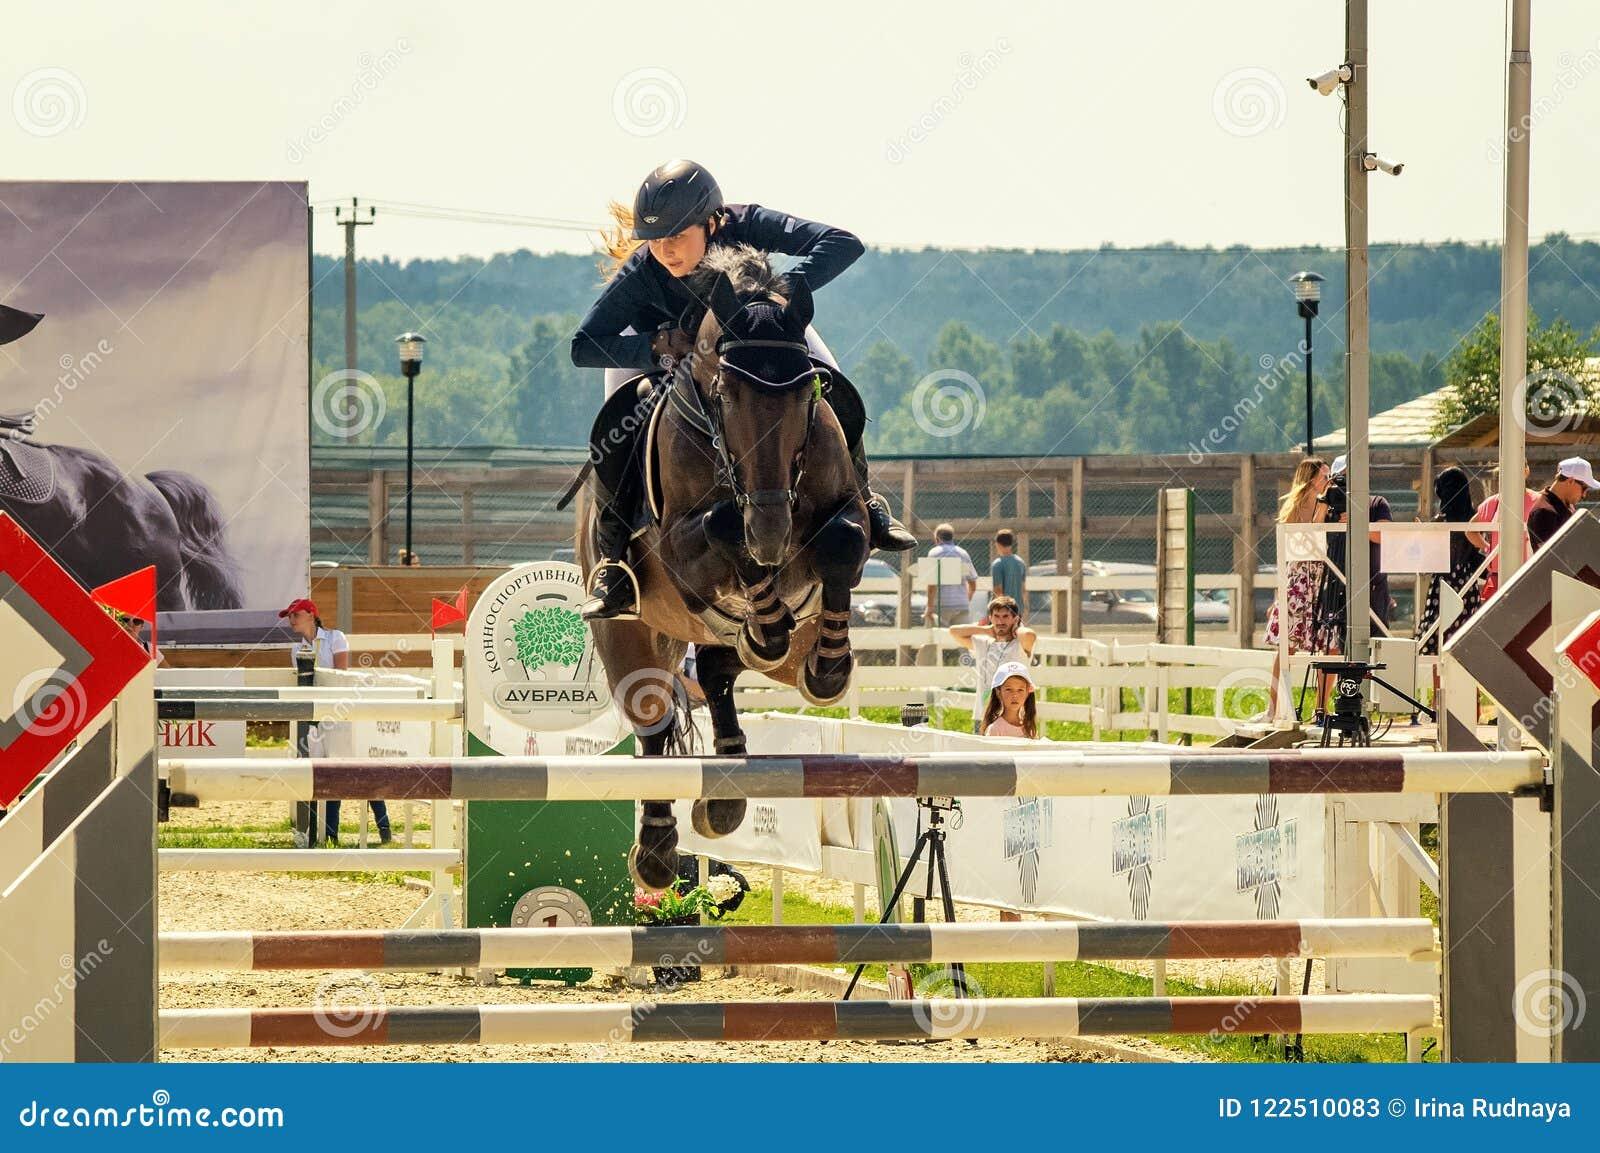 Internationales Pferdespringende Wettbewerbe, Russland, Ekaterinburg, 28 07 2018